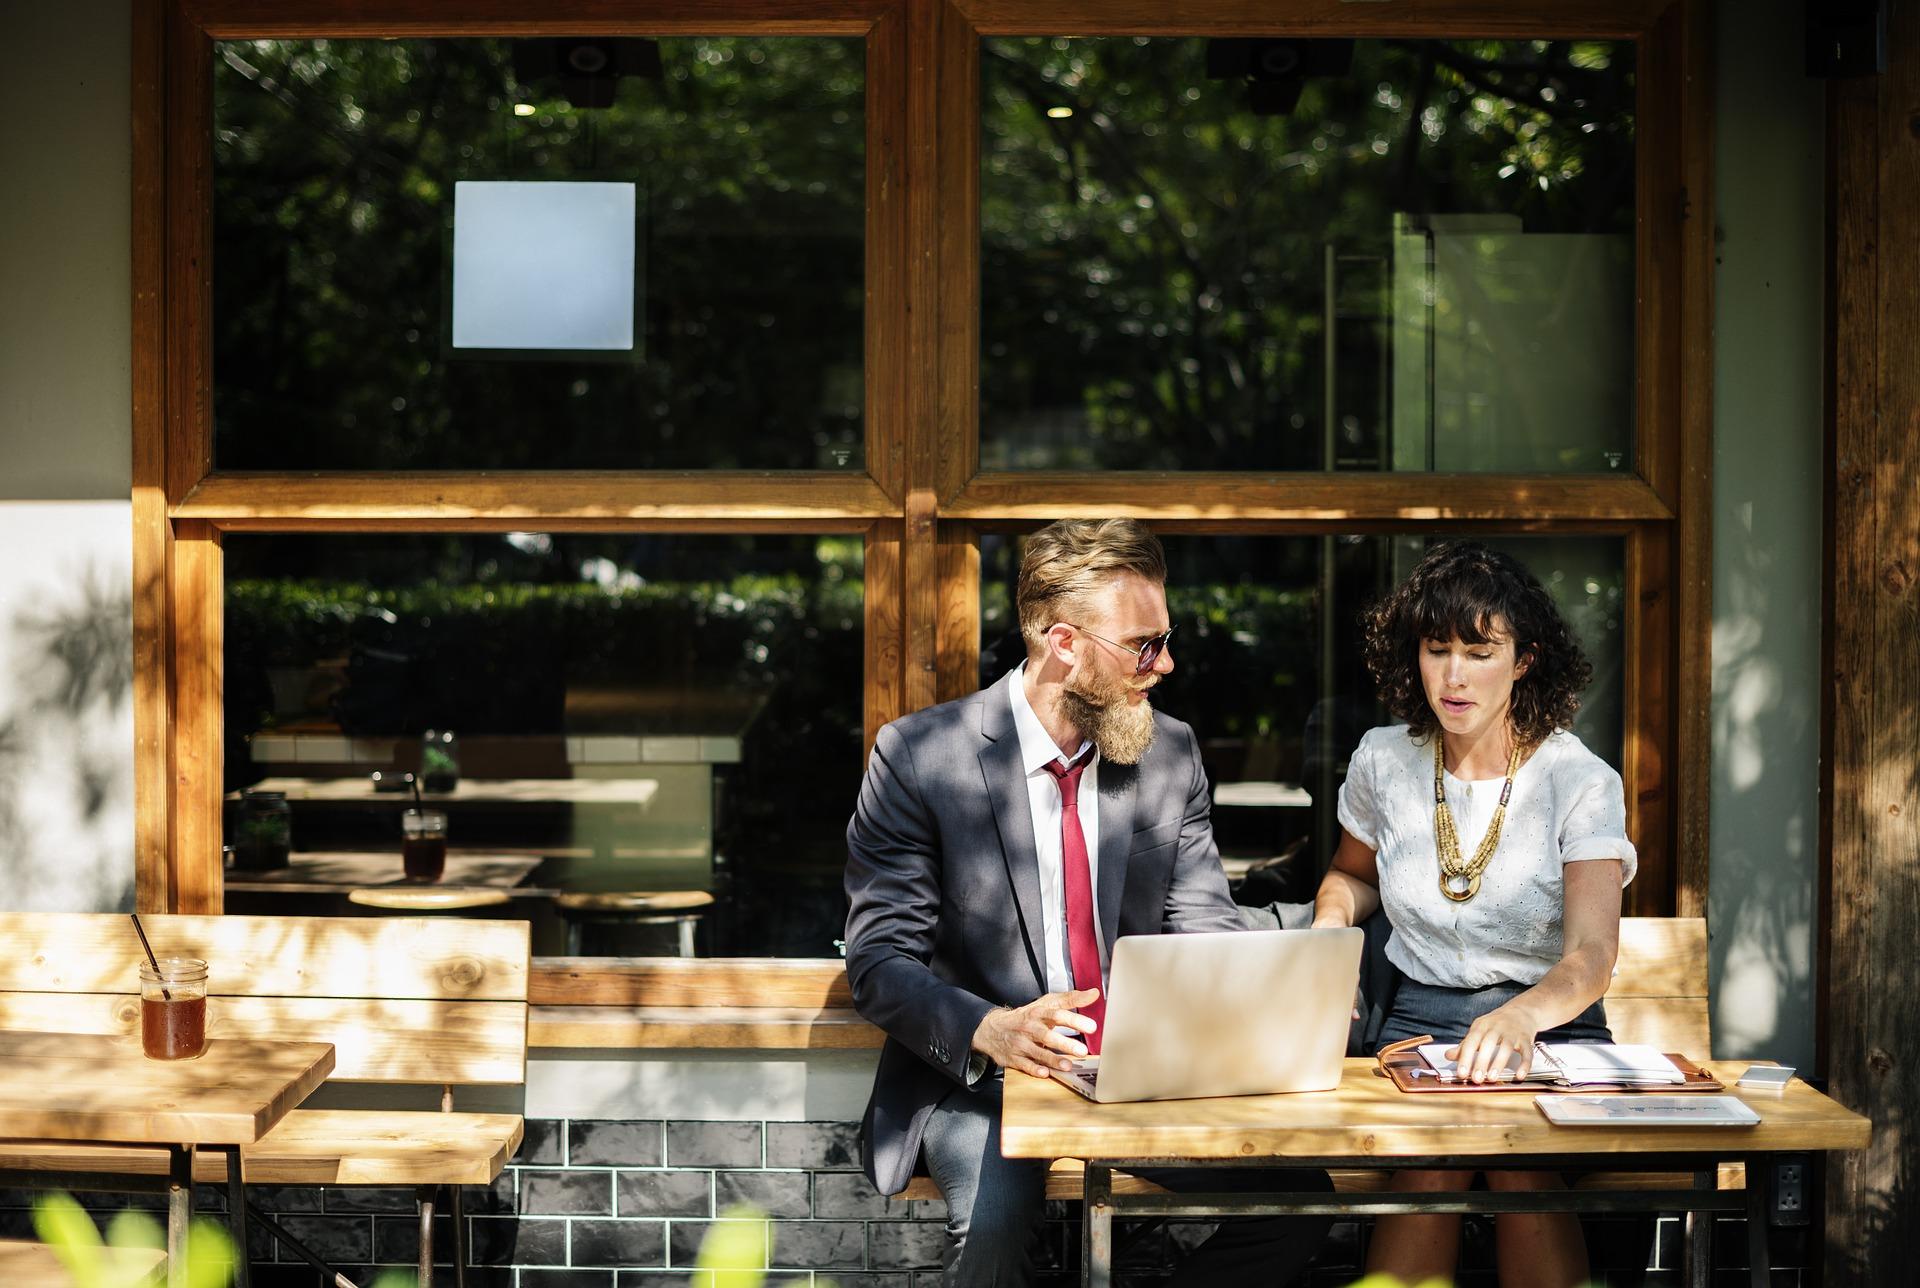 IT業界が狙い目!働きながら勉強できる派遣事業のメリットを売り込もう